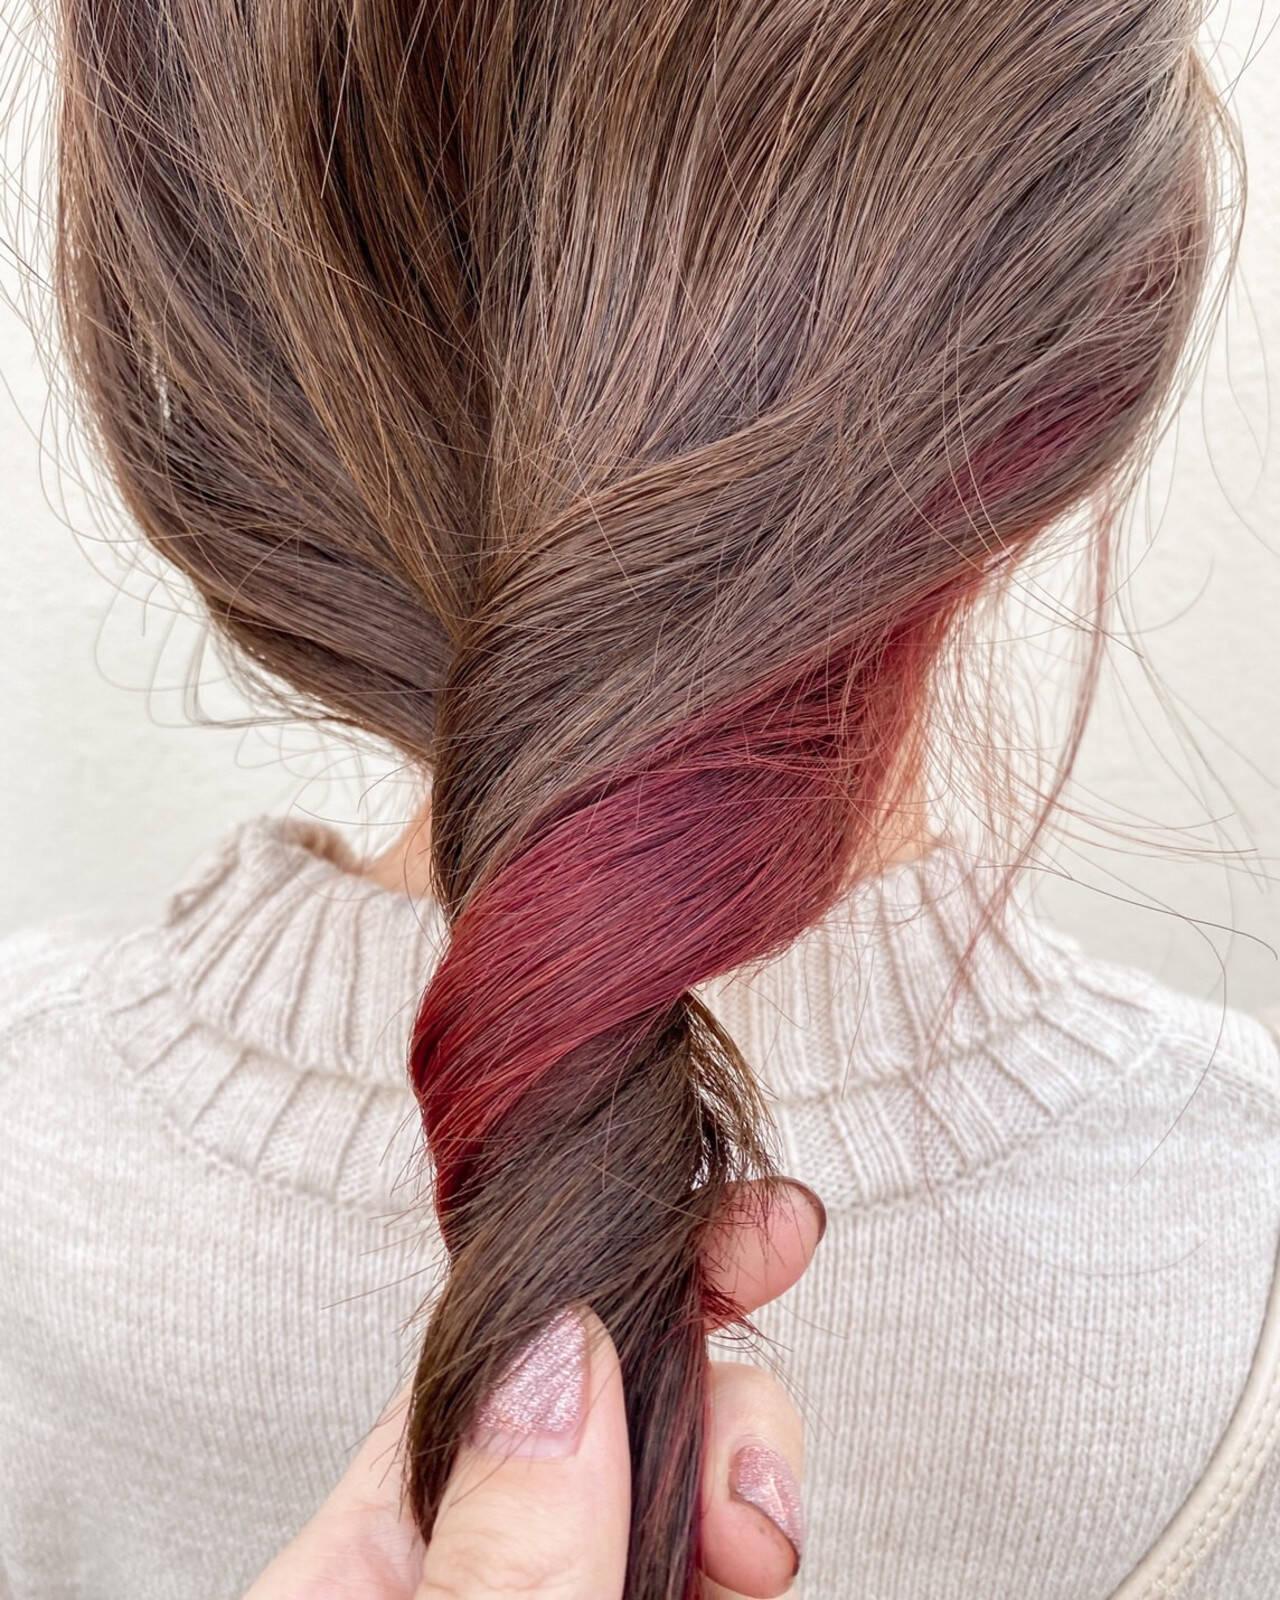 インナーカラー インナーカラー赤 ナチュラル インナーカラーレッドヘアスタイルや髪型の写真・画像